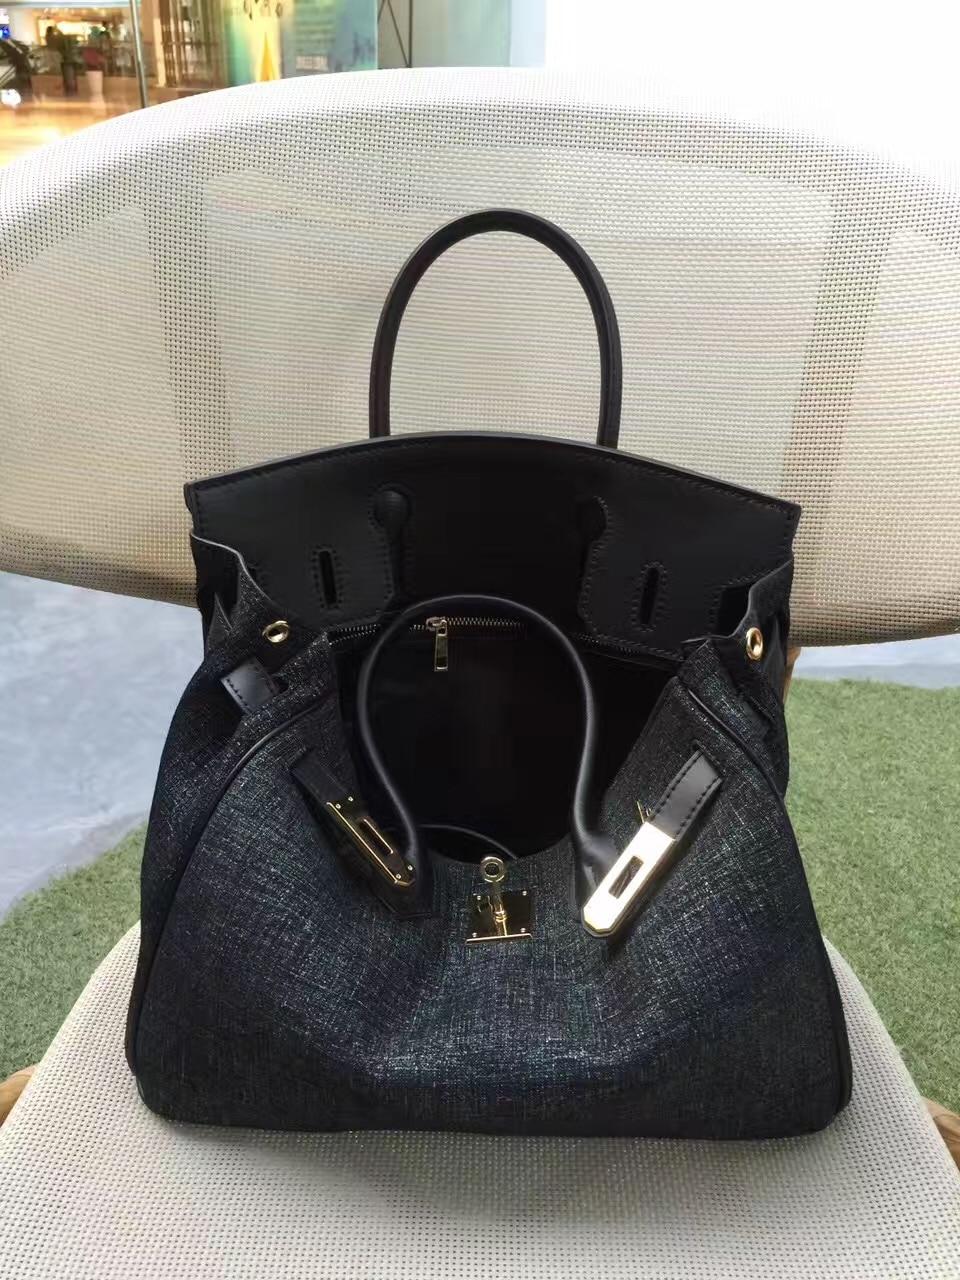 2017 ძვირადღირებული suede Handbag - ჩანთები - ფოტო 4